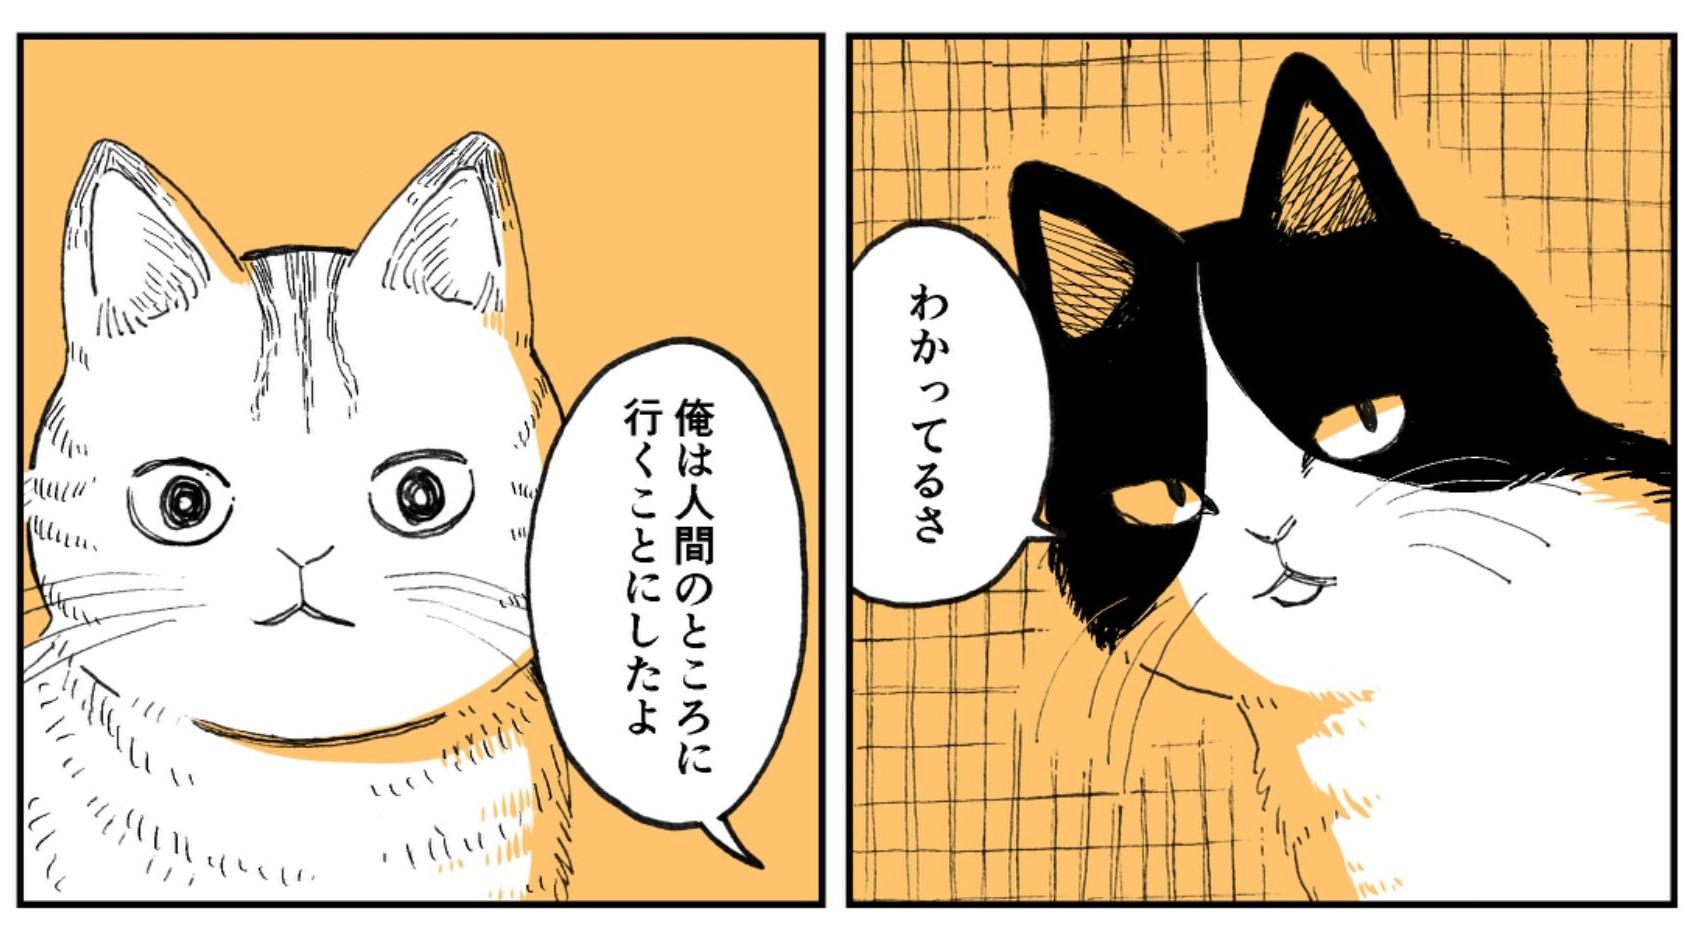 漫画のワンシーン【画像提供:園田ゆり(@sonoda_yuri)さん】